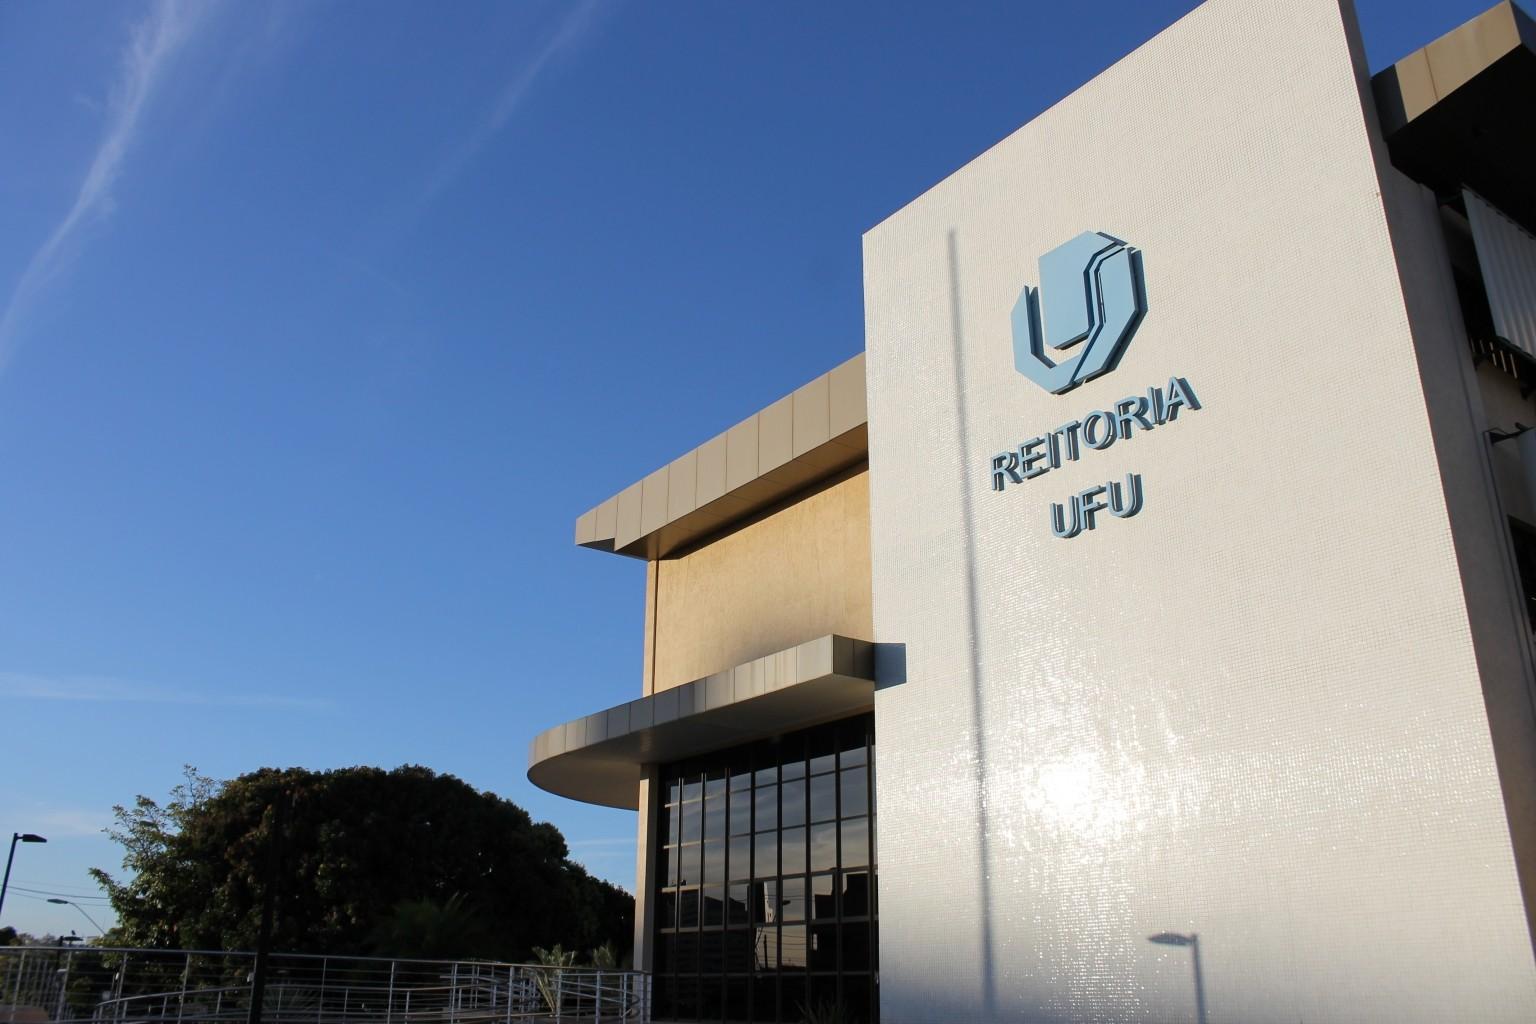 UFU abre novo edital para inclusão digital de estudantes que precisam de internet para estudo à distância durante pandemia